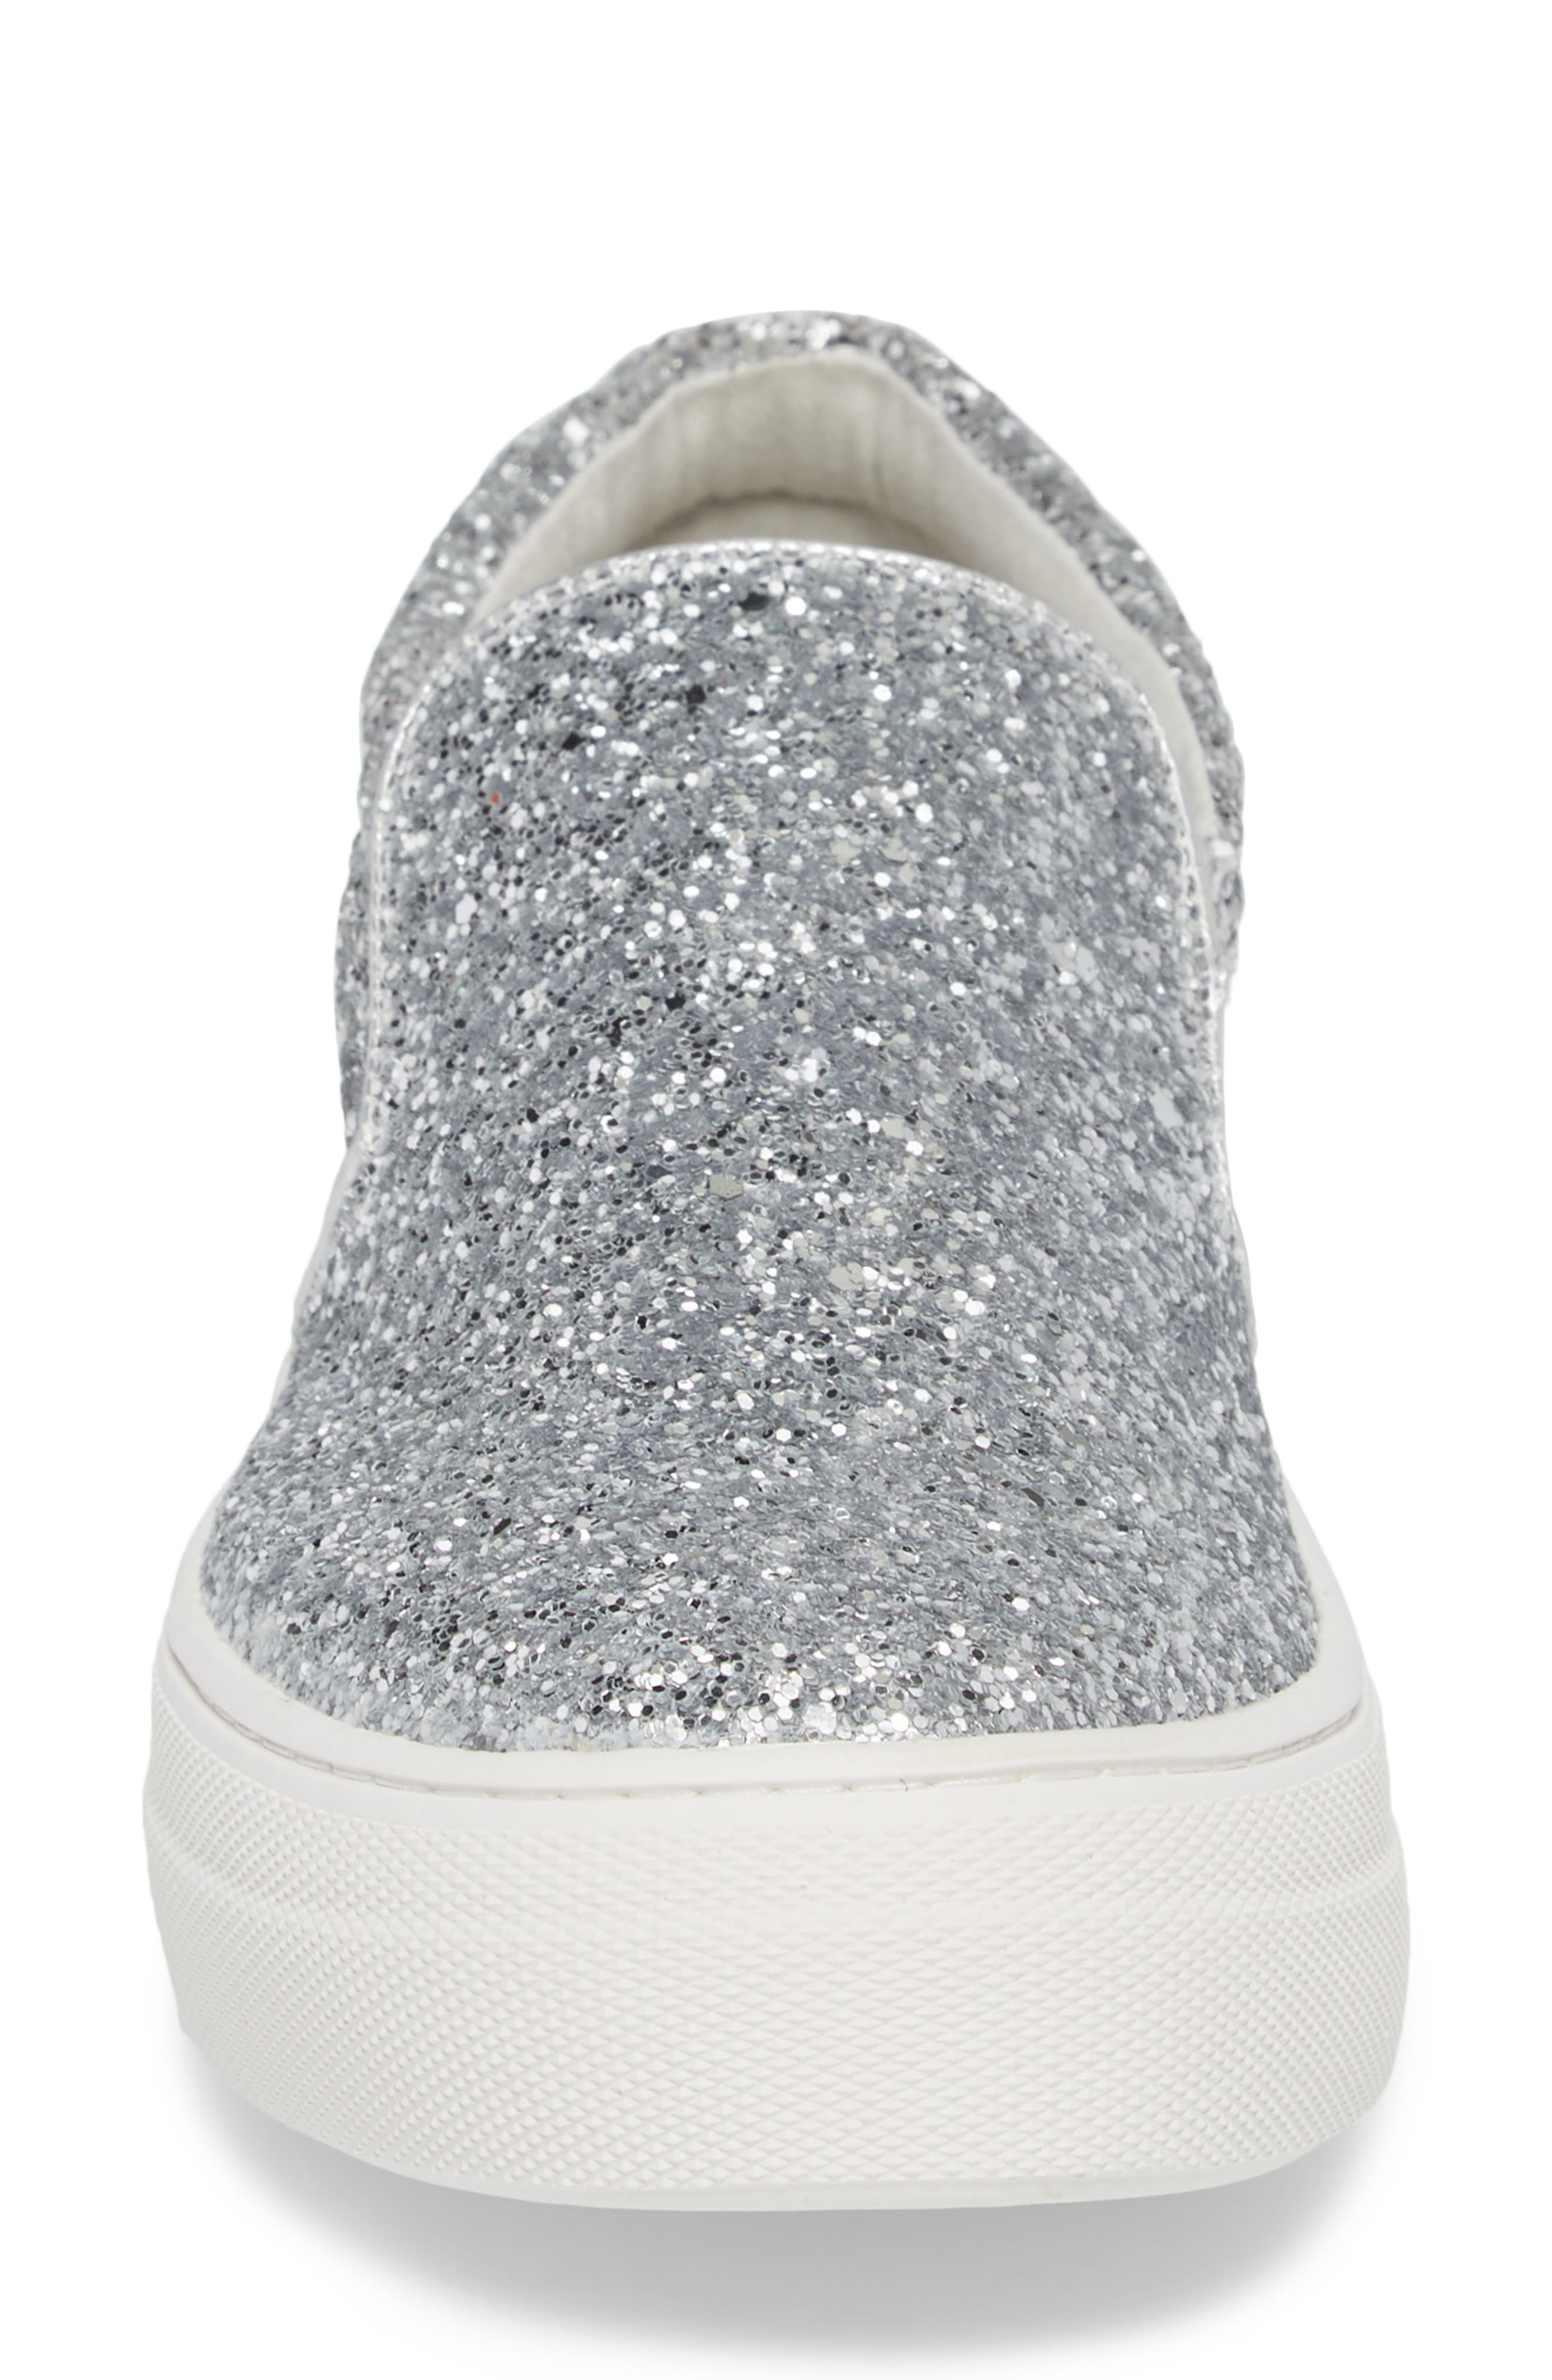 Gills Platform Slip-On Sneaker,                             Alternate thumbnail 4, color,                             Silver Glitter